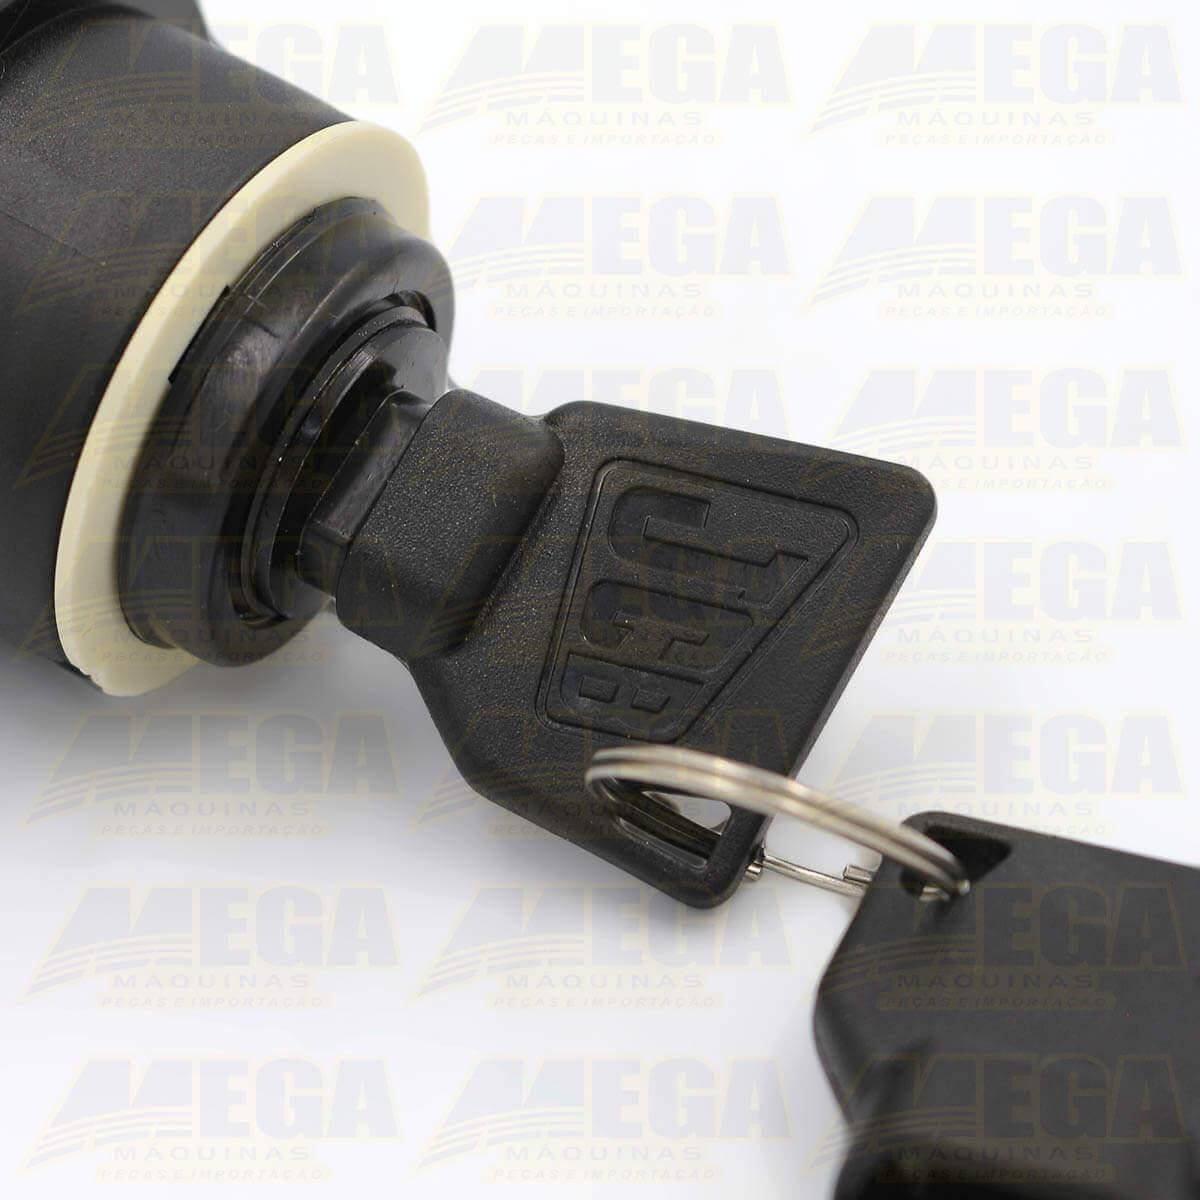 Interruptor da Ignição de Partida com Chaves 701/80184 70180184